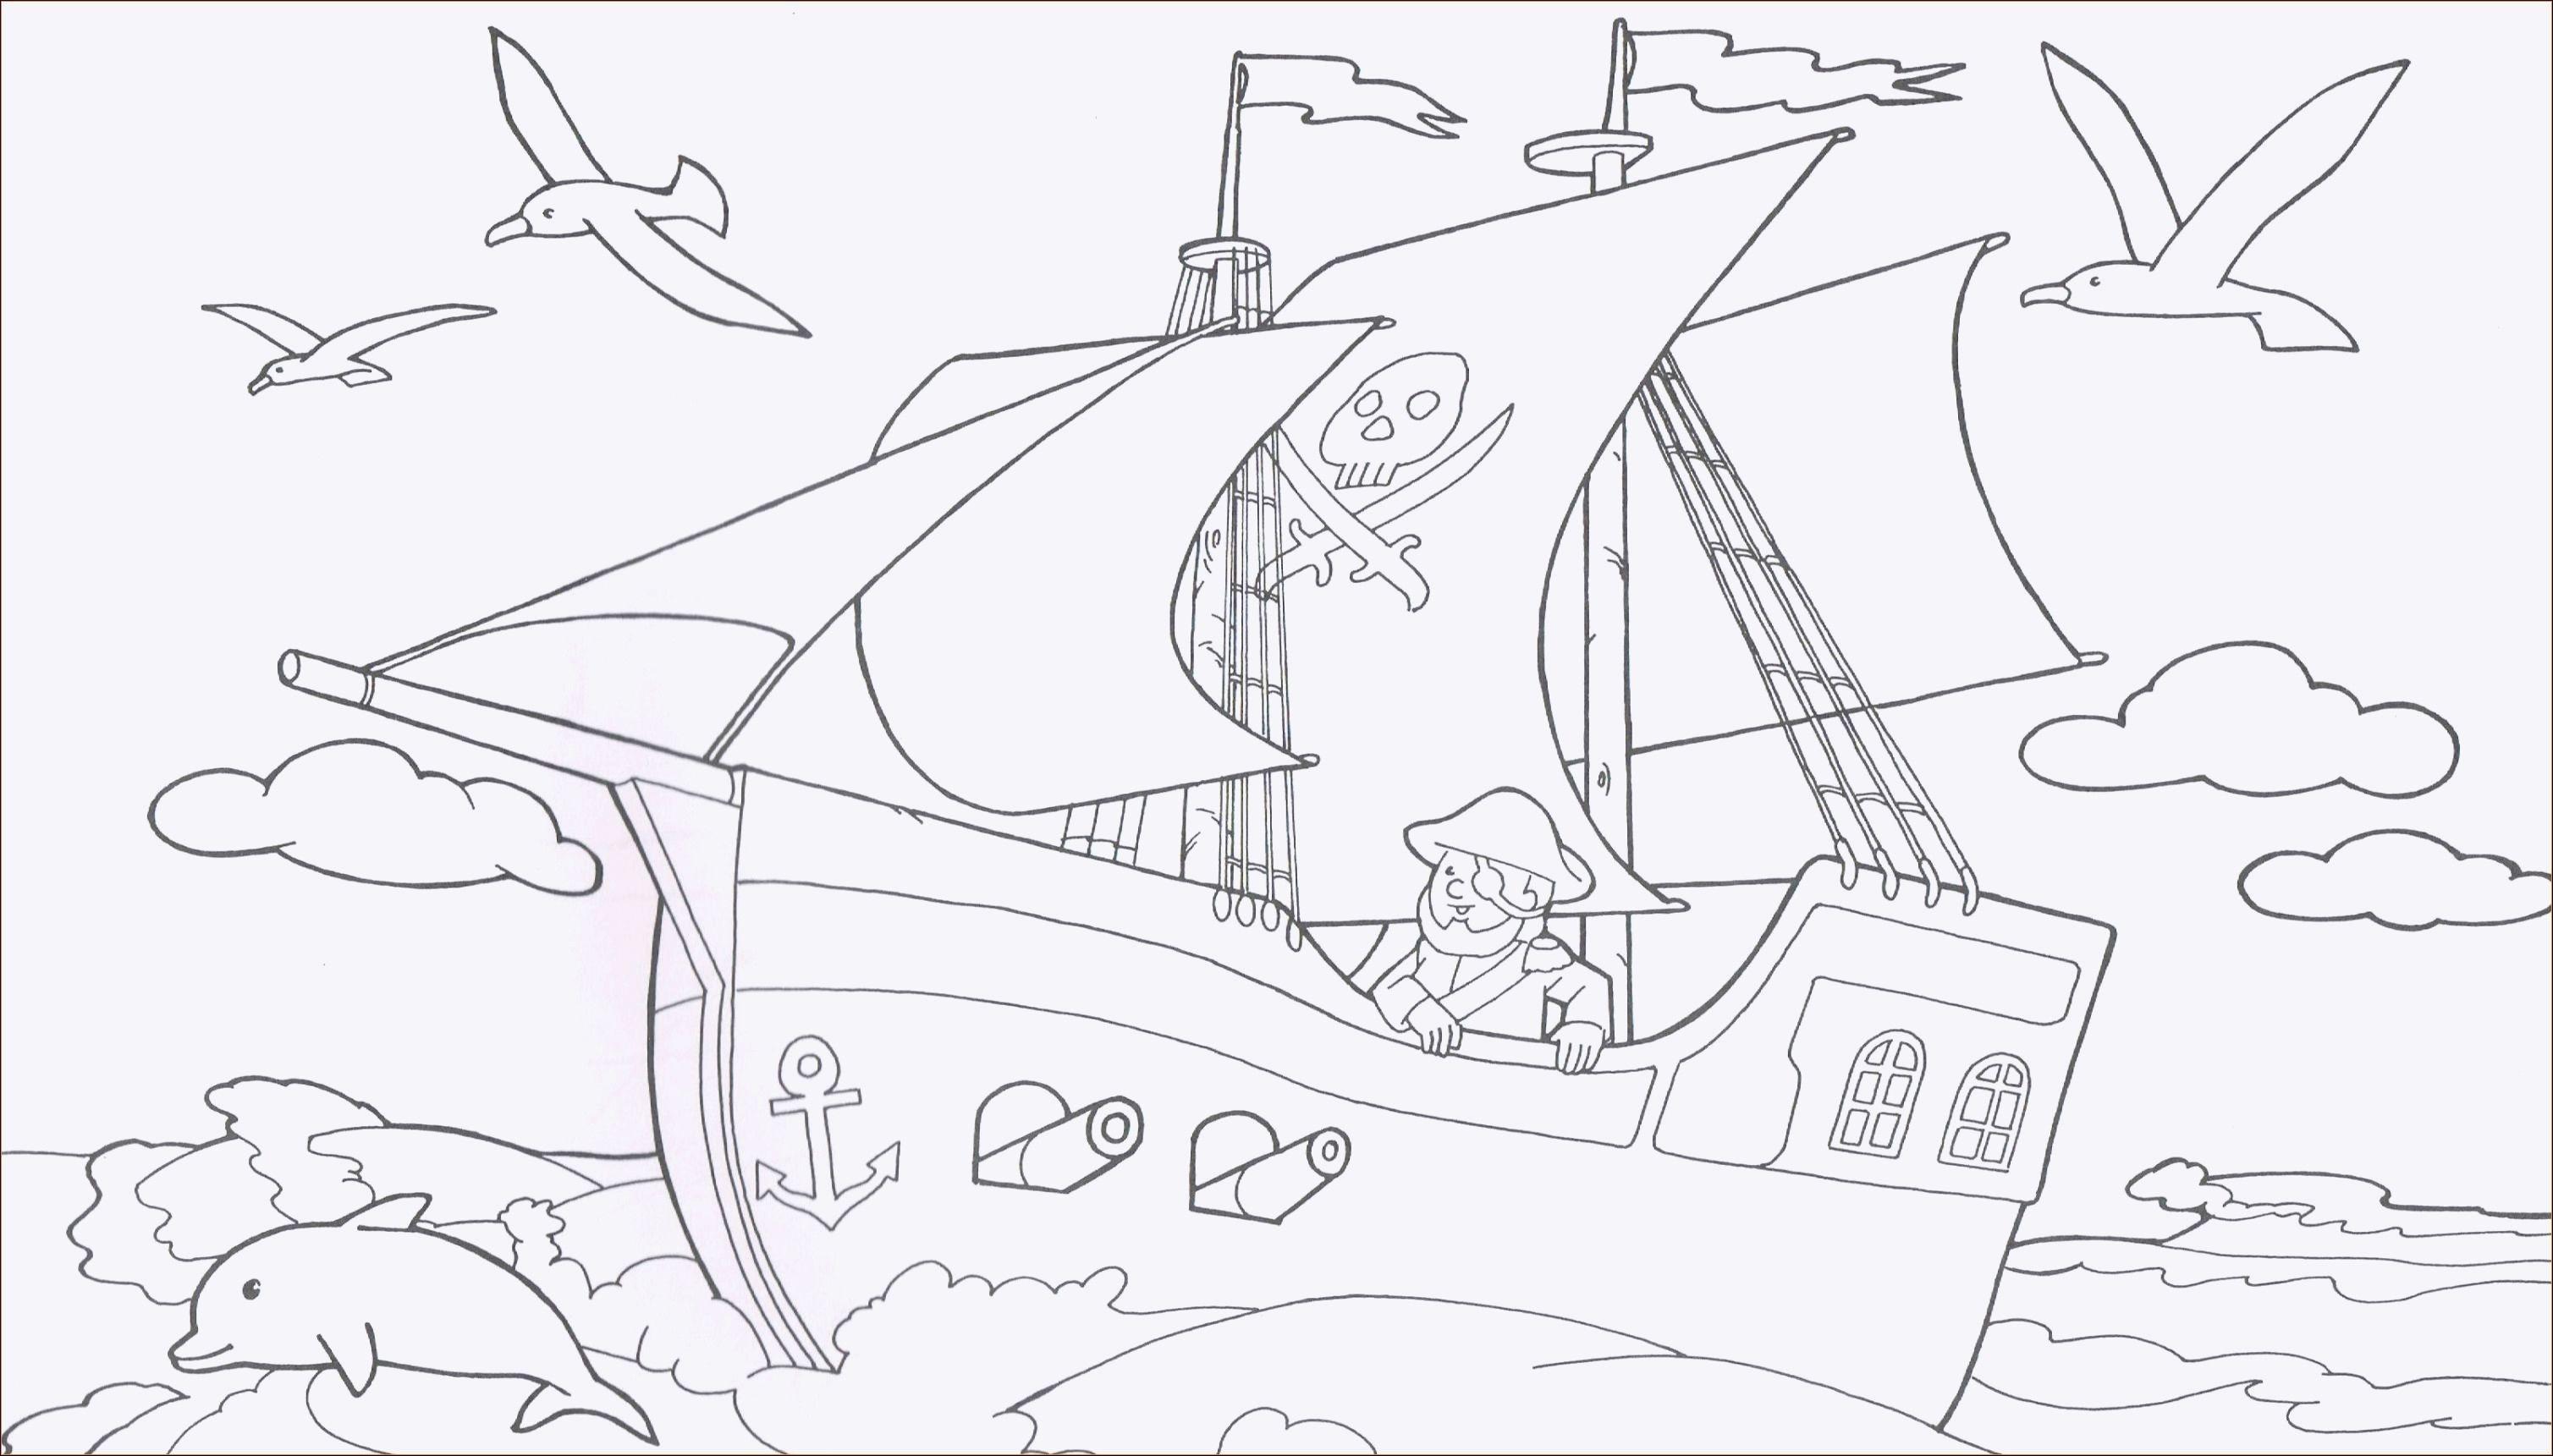 Ausmalbilder Piraten Das Beste Von Piratenschiff Zum Ausmalen Idees Fluch Malvorlagen Löwe Hero Design Stock